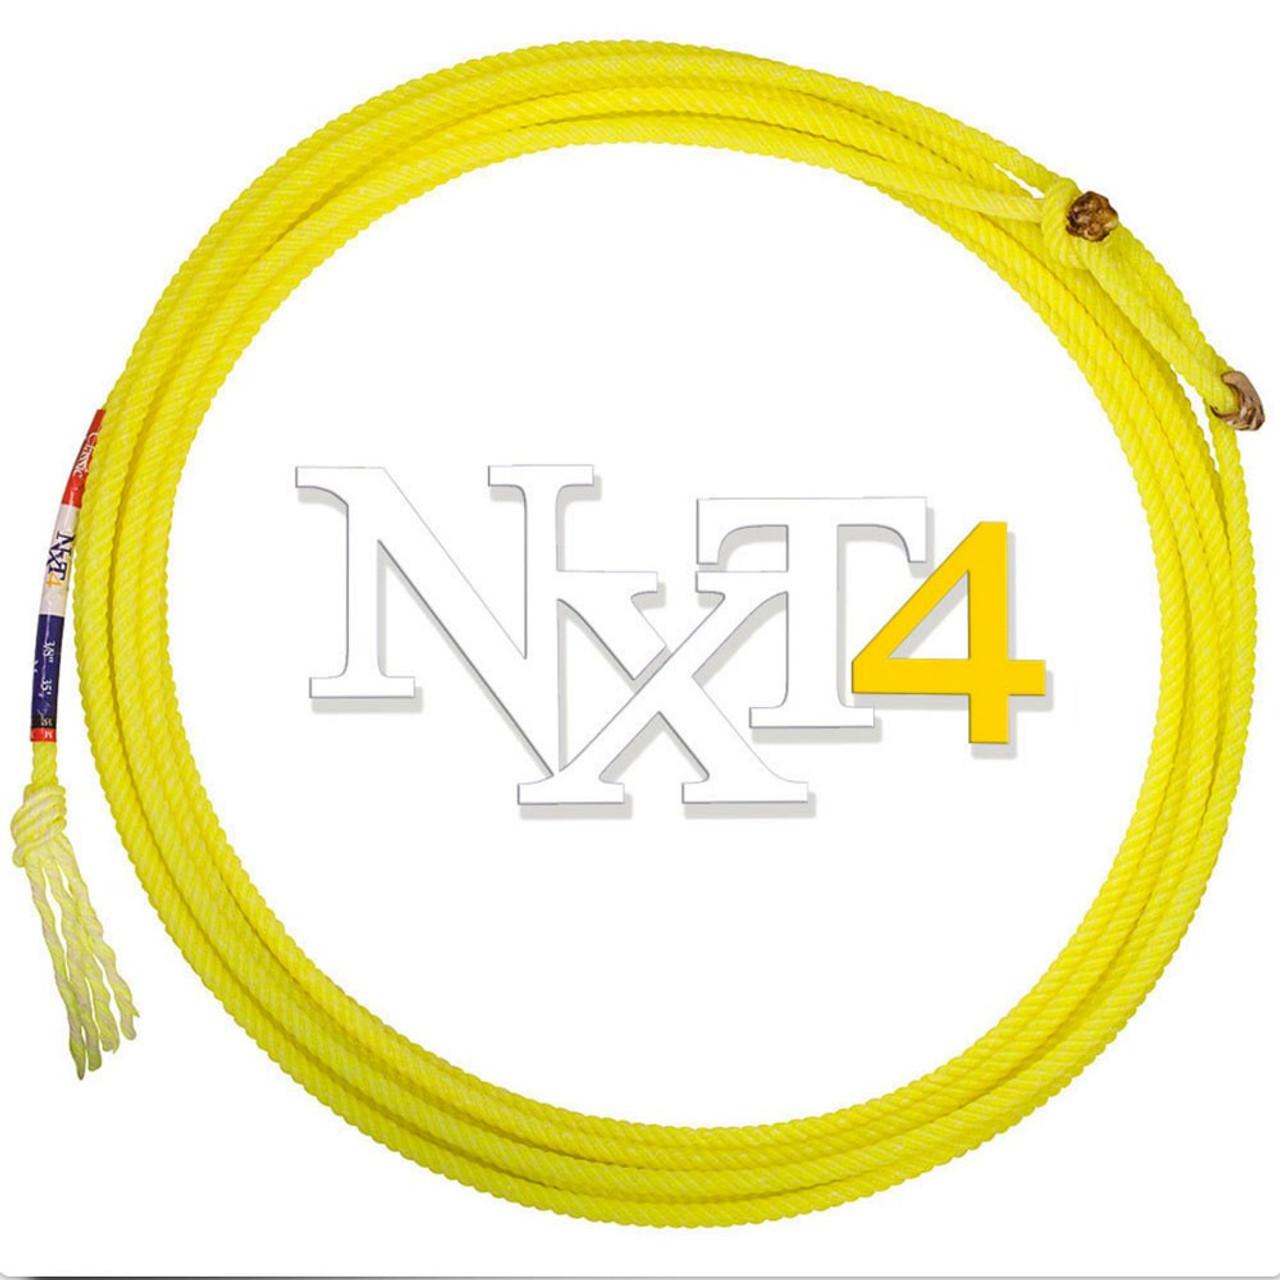 Rattler NXT4 - Heel Rope 3/8 35 (7656)